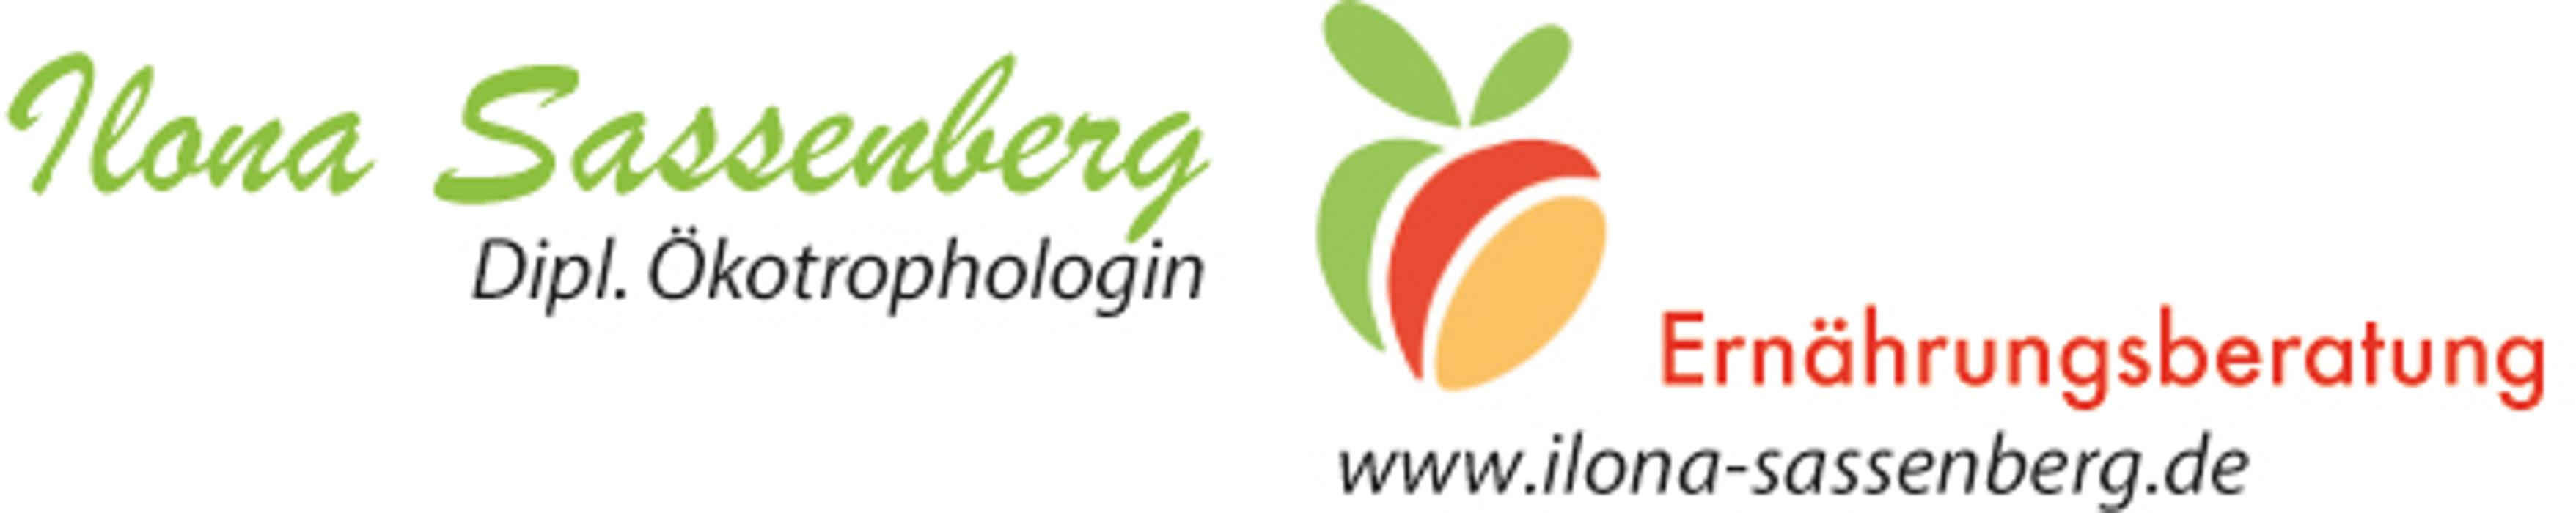 Bild zu Praxis für Ernährungsberatung Ilona Sassenberg in Friedberg in Hessen